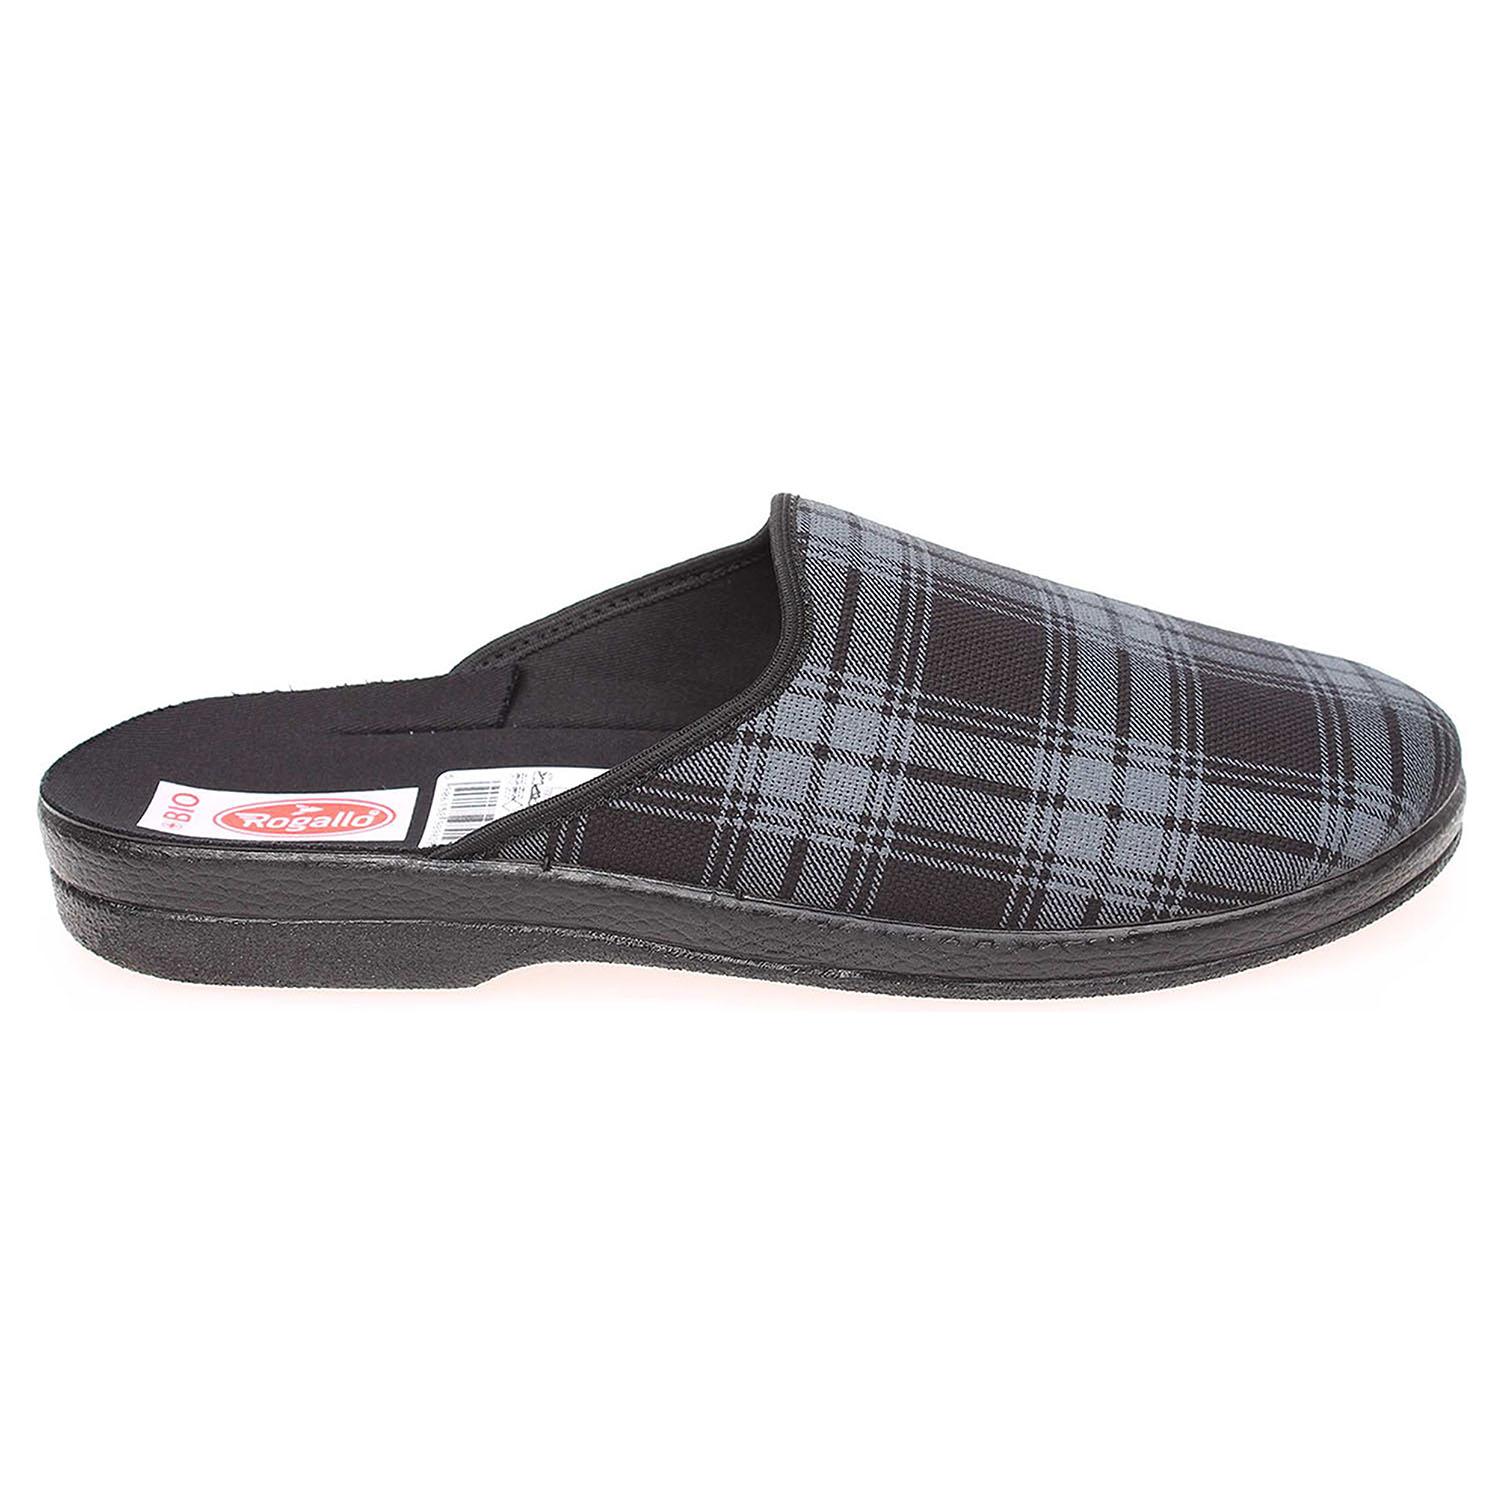 Rogallo pánské domácí pantofle 18902 černá-šedá 45